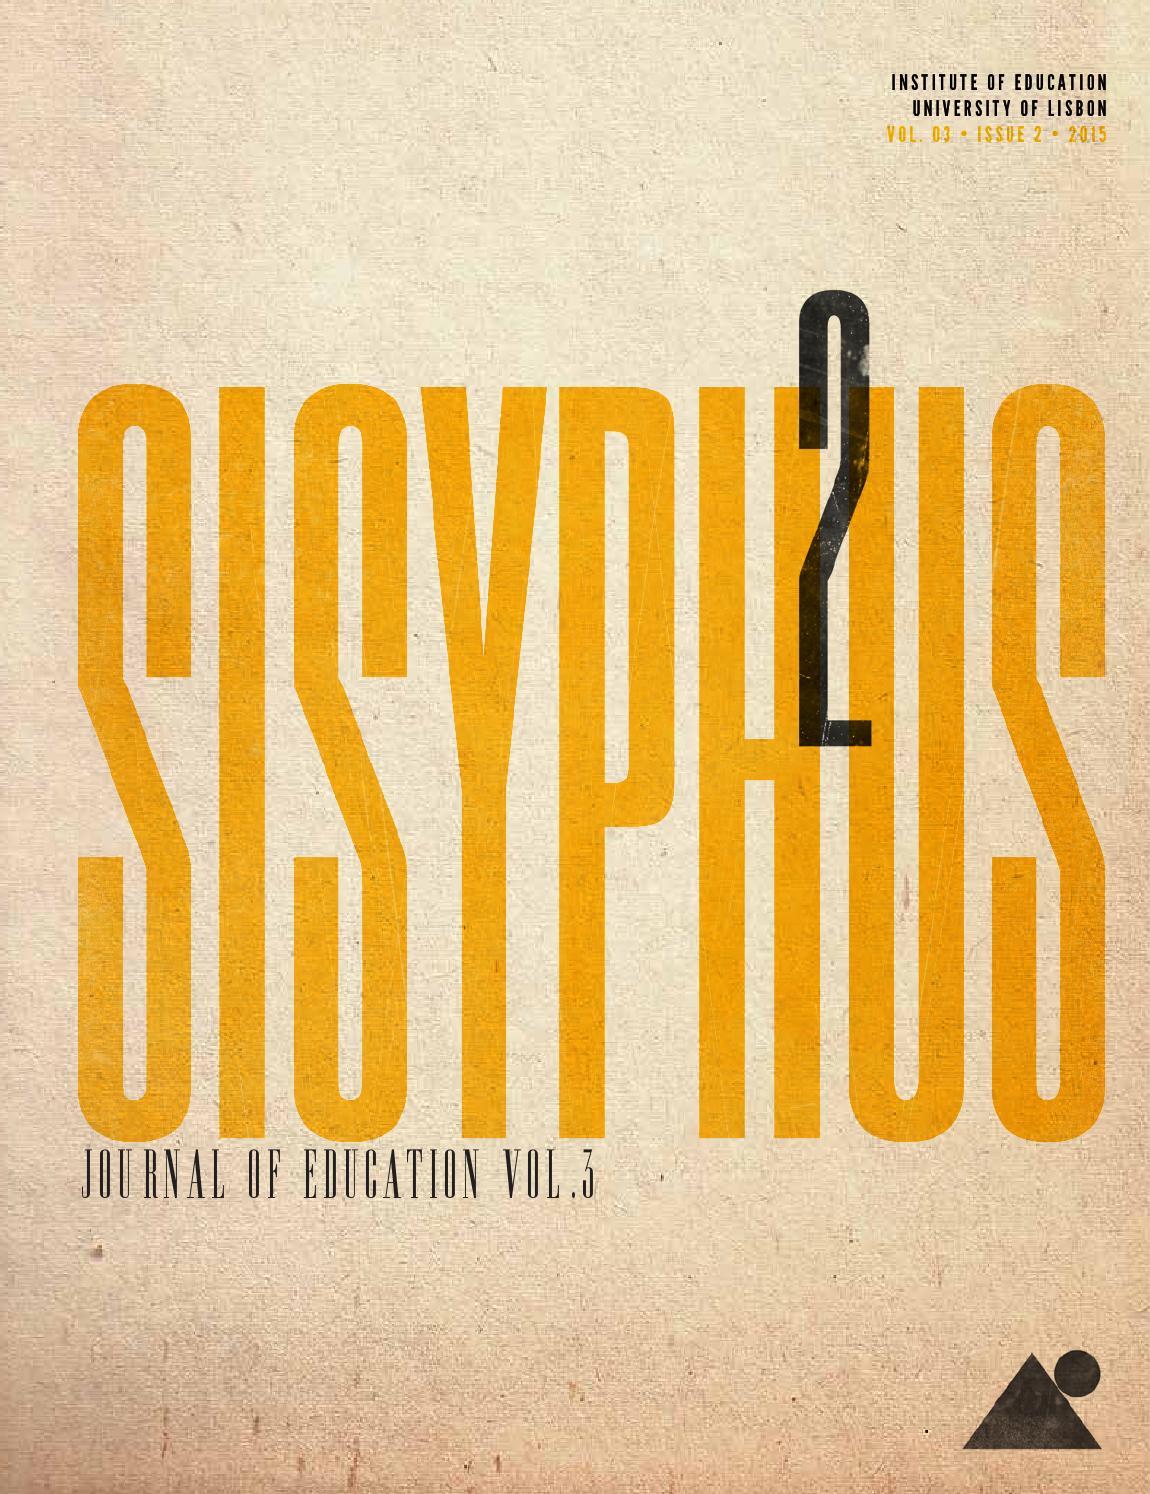 e623d1a83c9 Sisyphus – Journal of Education